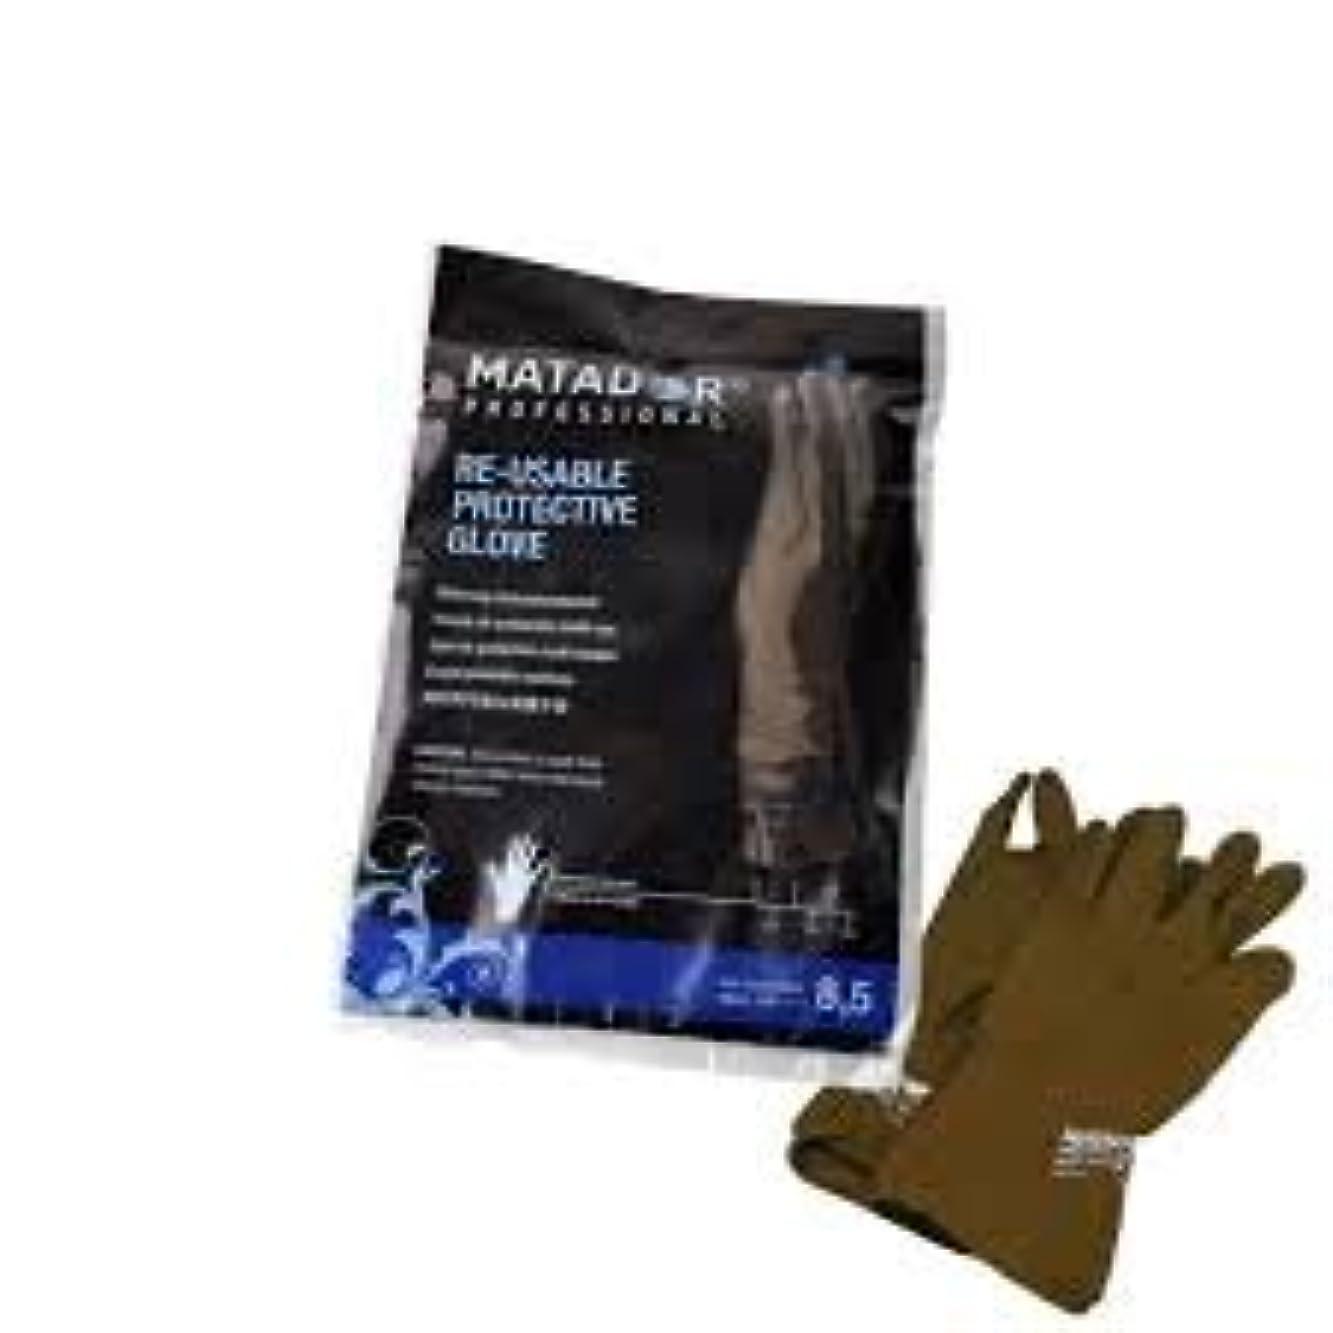 納屋自発文房具マタドールゴム手袋 8.5吋 【5個セット】